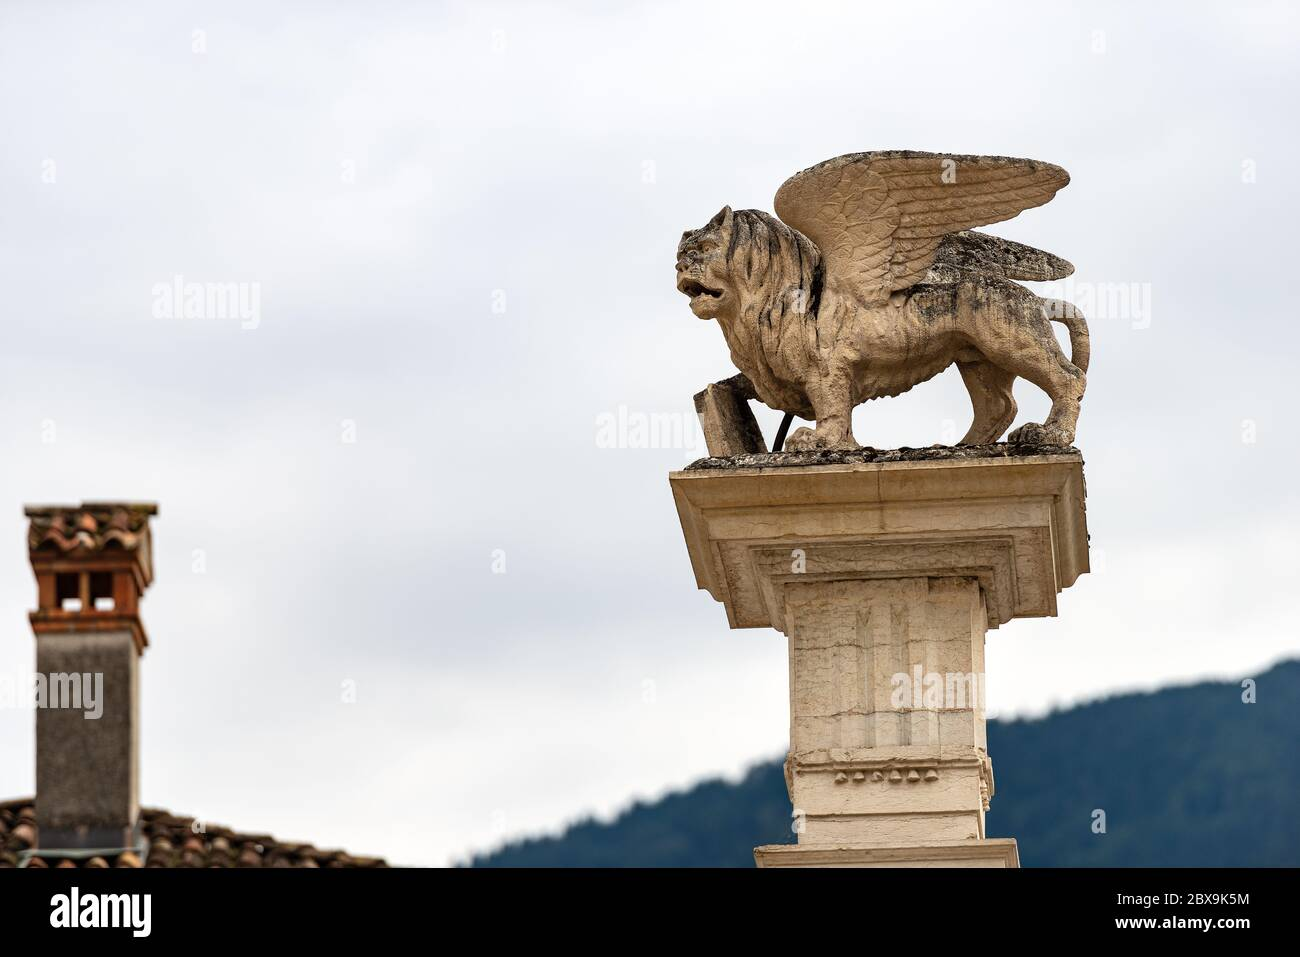 León alado de San Marcos (Leone di San Marco) en la parte superior de una columna, símbolo de la República veneciana. Piazza Maggiore, Feltre, provincia de Belluno, Véneto Foto de stock